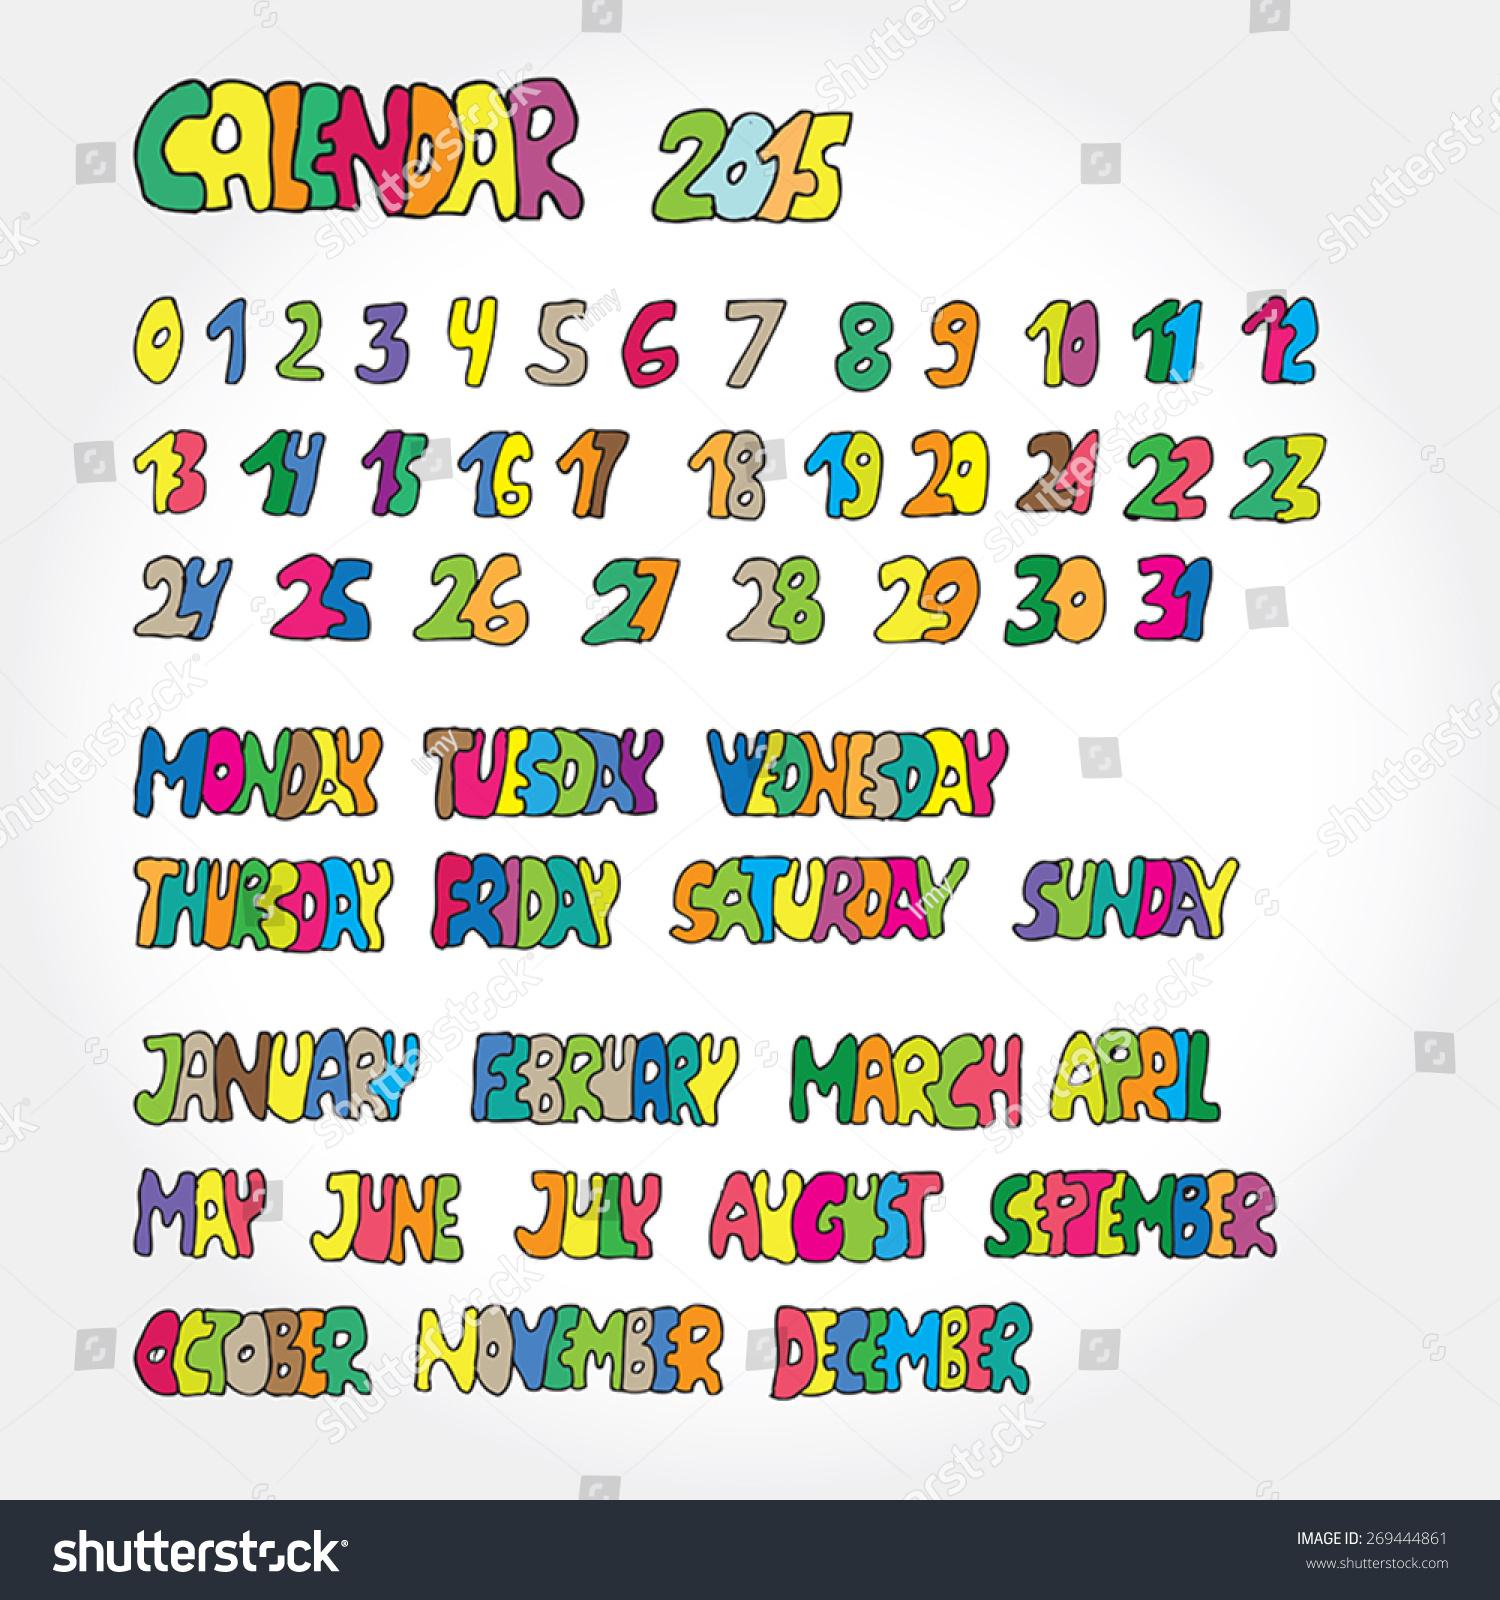 Calendar Typography Vector : Calendar handwritten typography stock vector